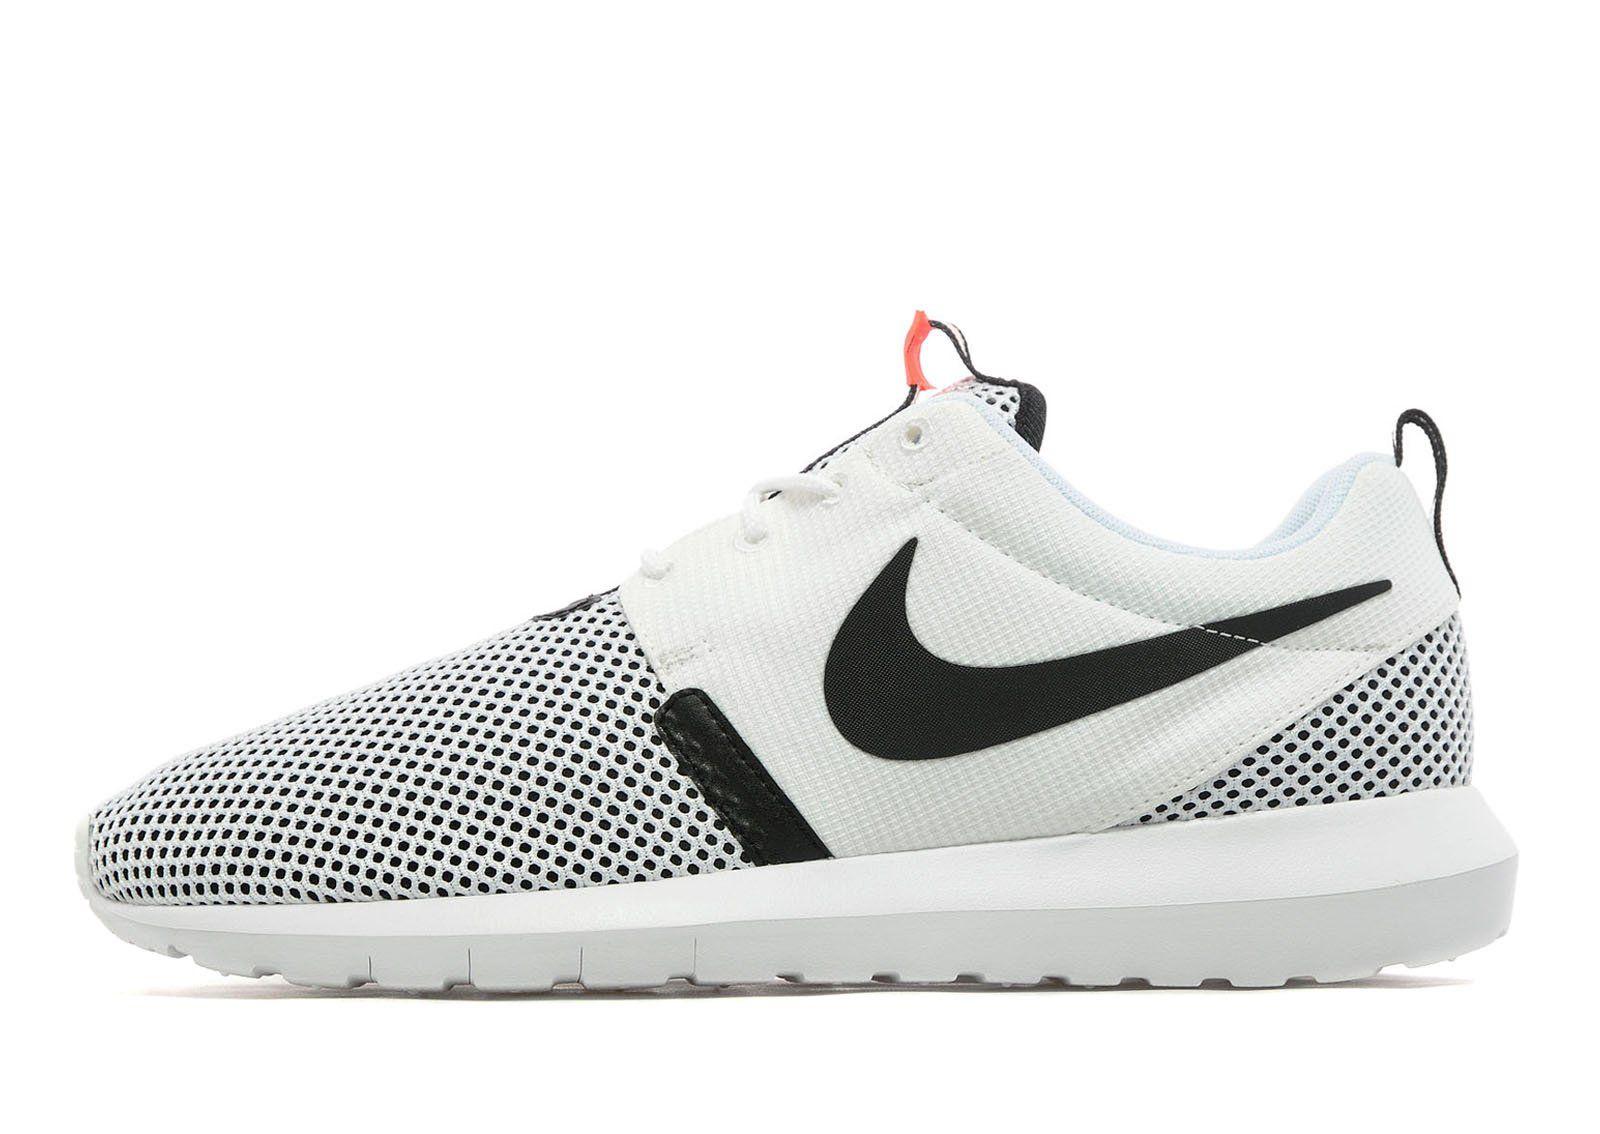 ilfra Nike Roshe One NM Breeze   JD Sports